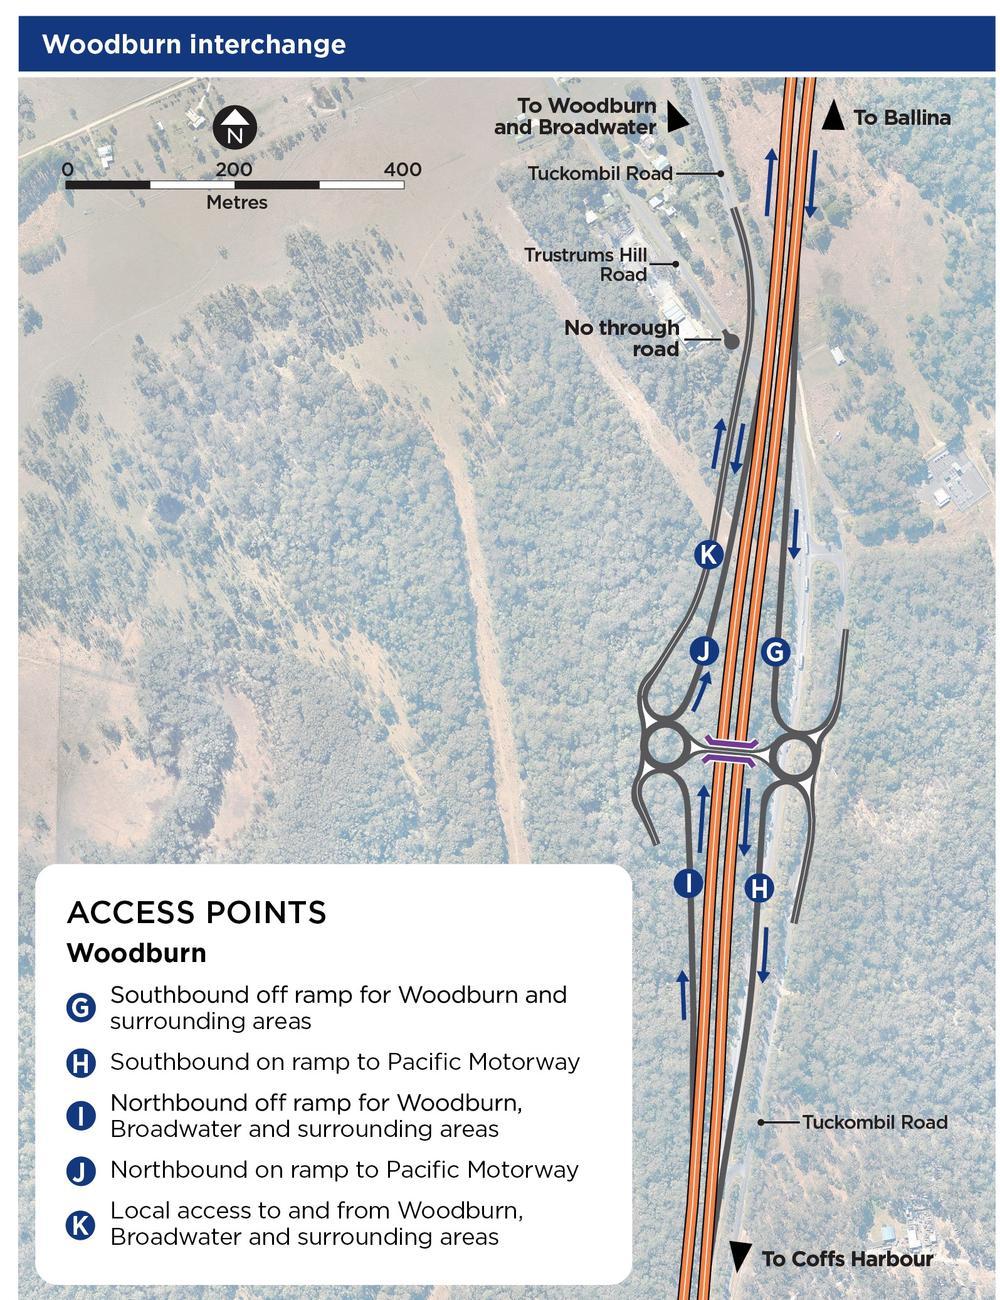 Woodburn interchange arrangements